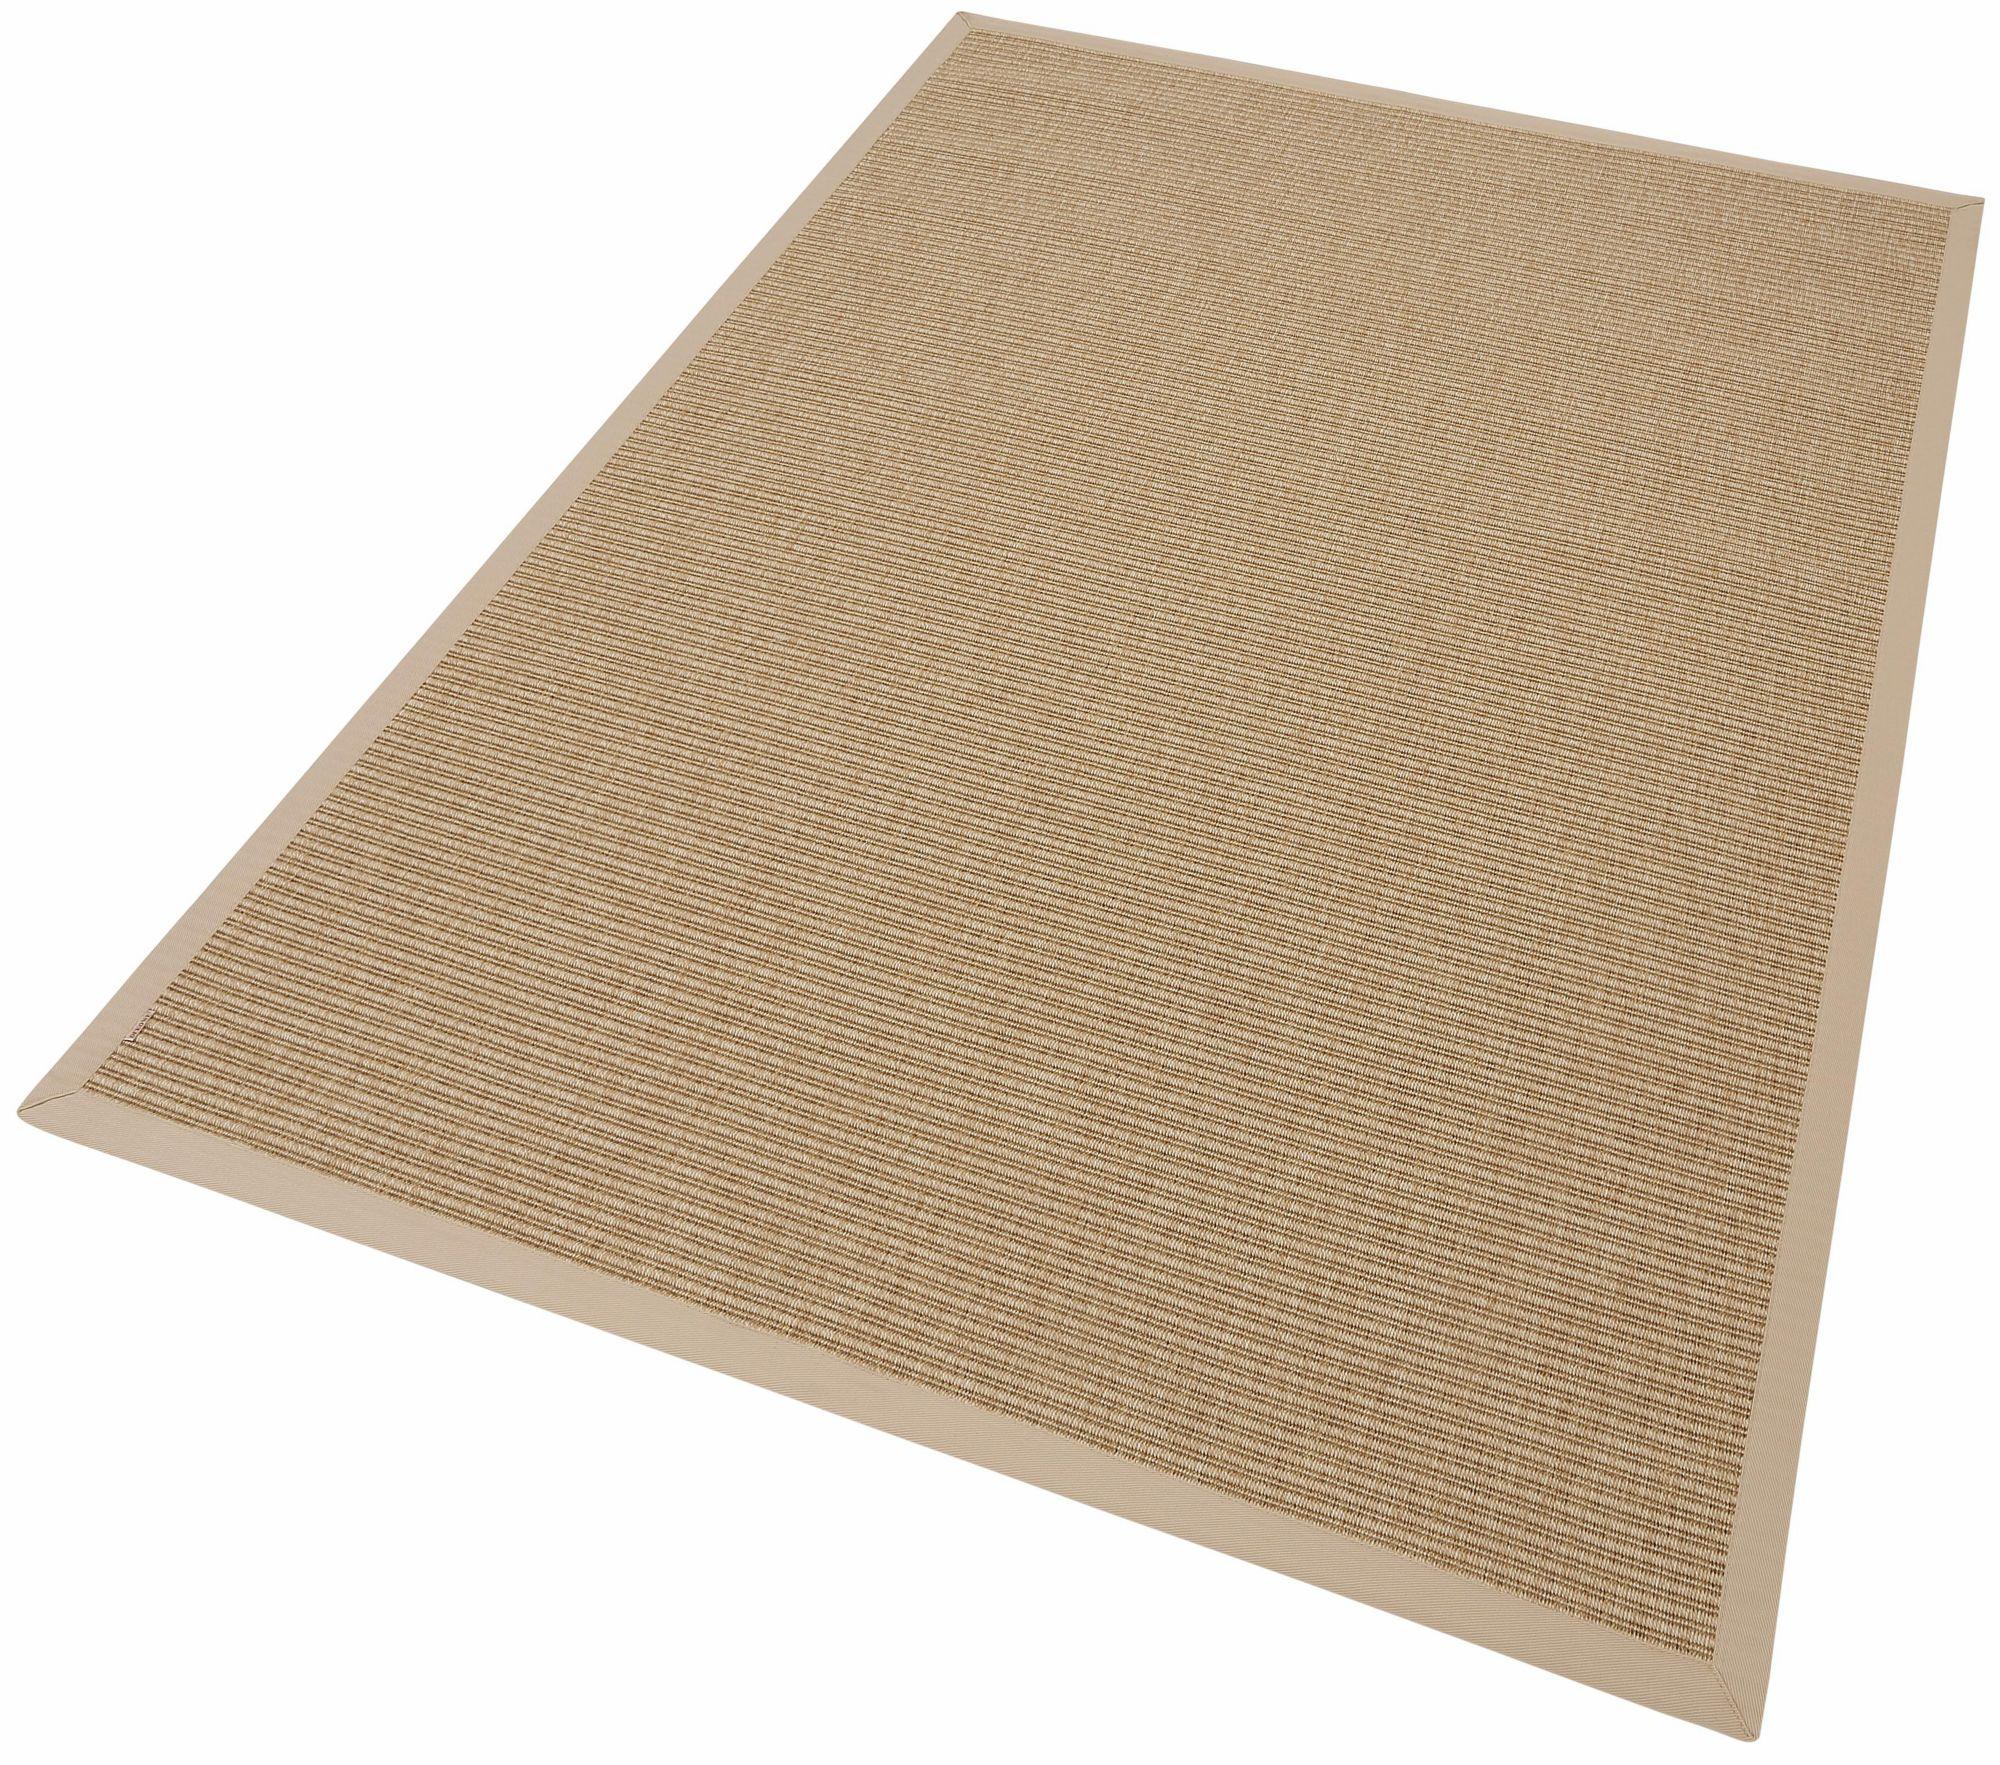 DEKOWE Teppich, Dekowe, »Naturino Tweed«, Melange-Effekt, In- und Outdoor geeignet, Sisaloptik